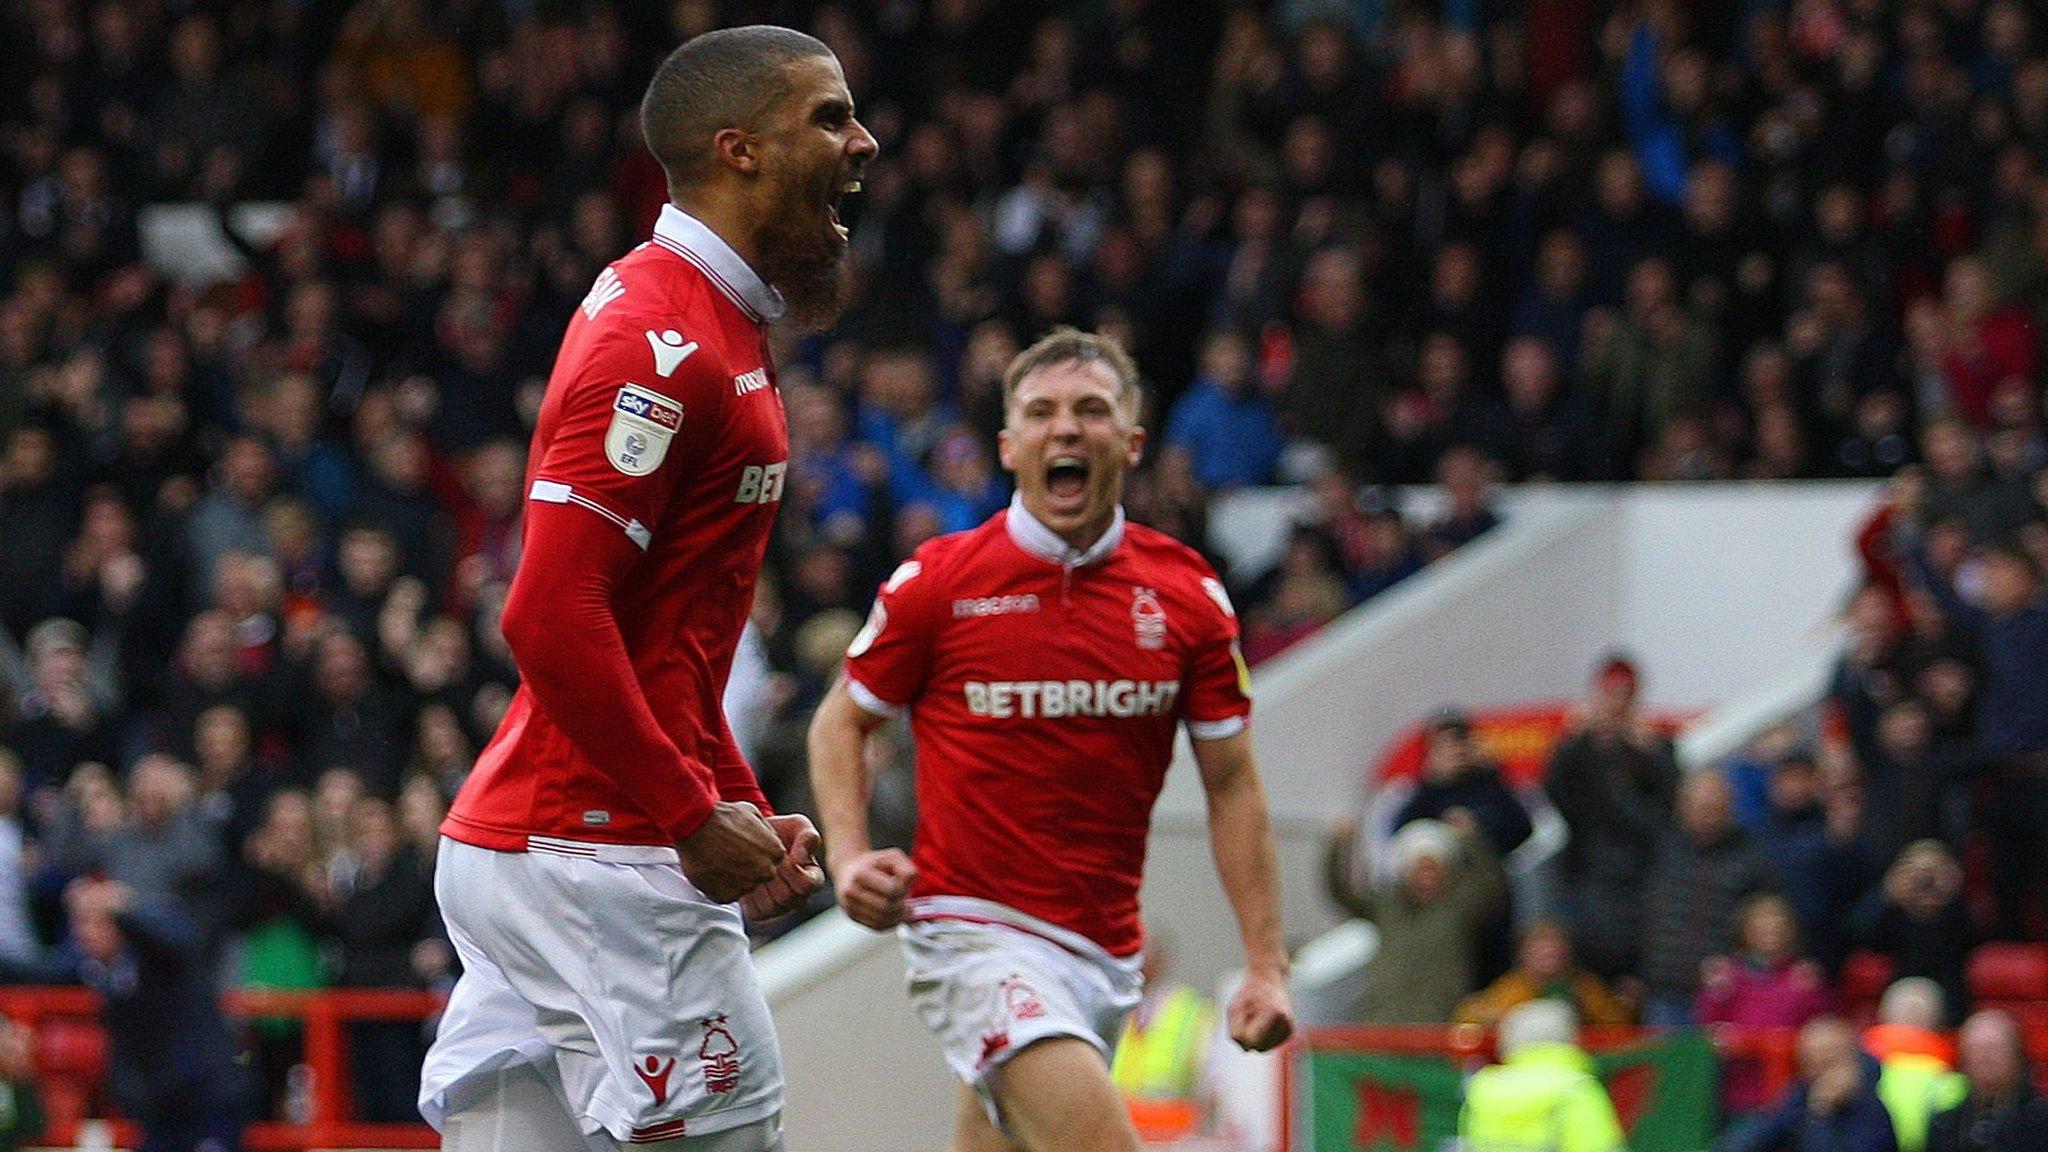 Nottingham Forest 1-0 Rotherham United: Grabban spot-kick ends Rotherham resistance